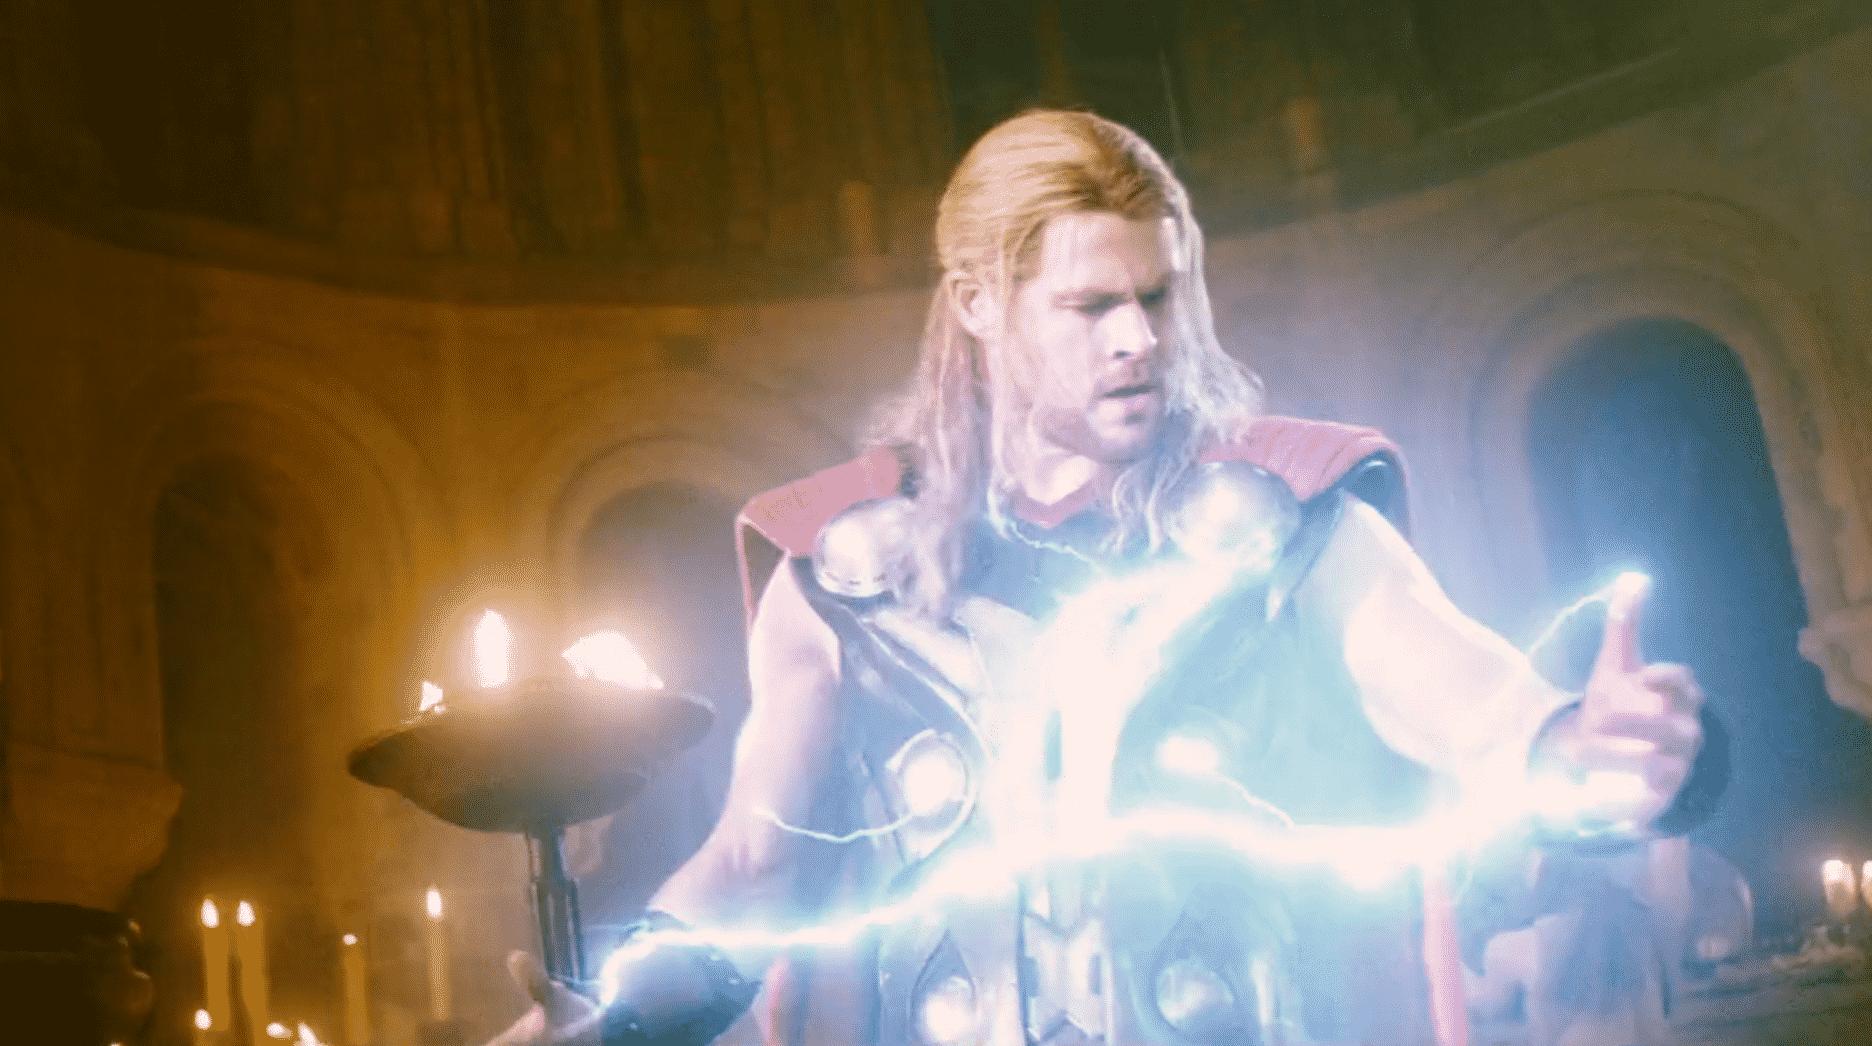 thor avengers 2: vek ultrona